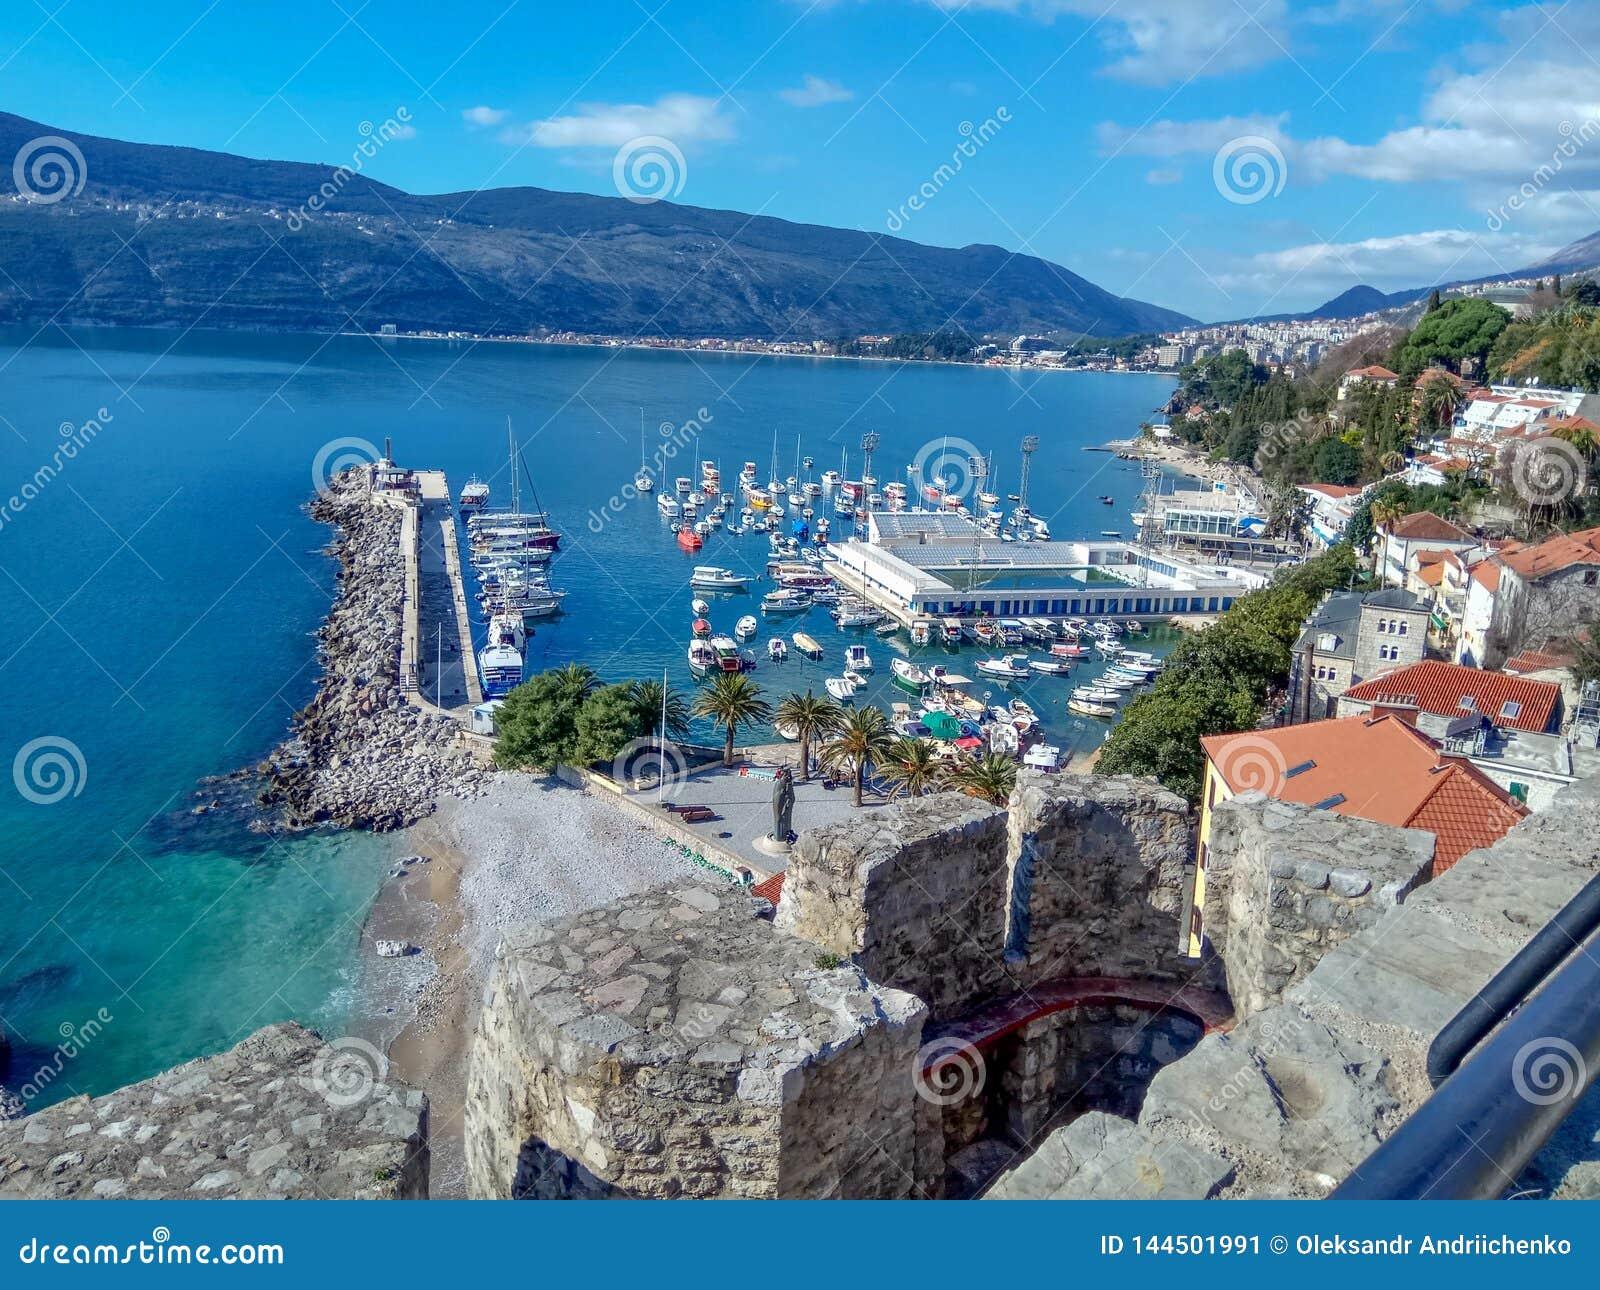 Herceg-Novi Montenegro: centrum nära vattnet i området med en yachthamn och simbassäng